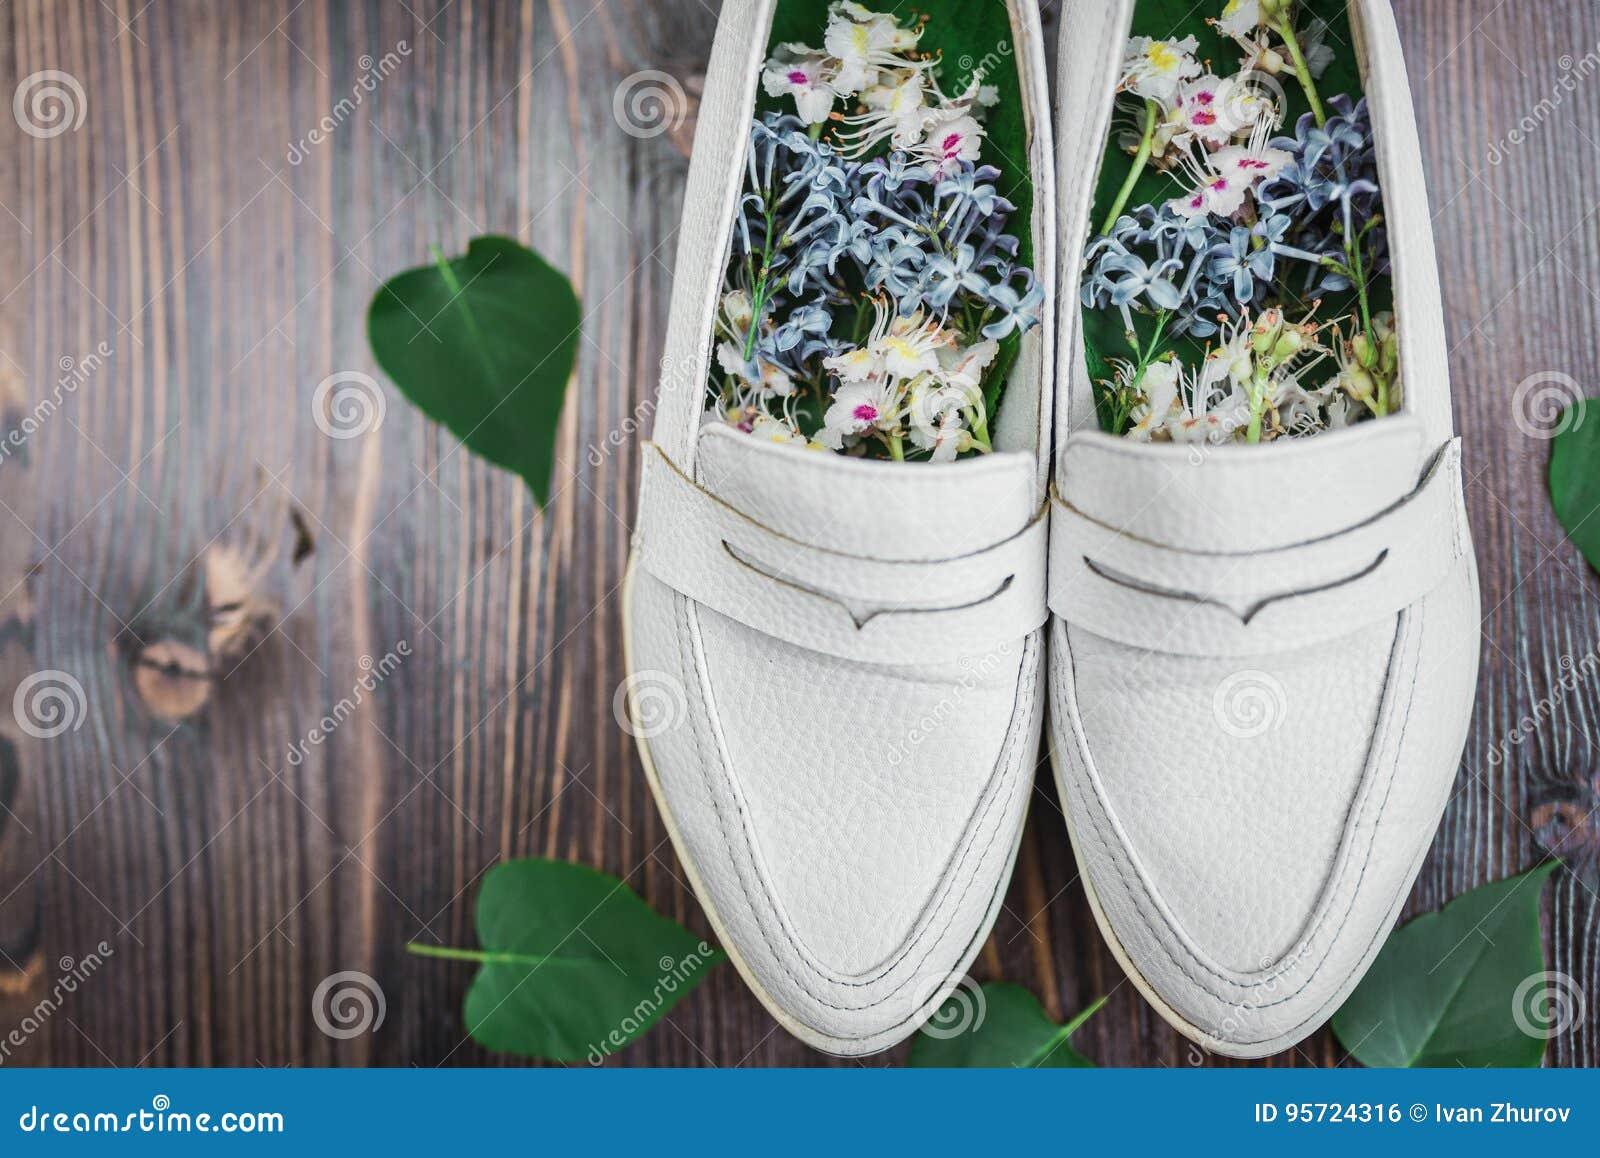 X27; Blancos Las De En Con amp; S Frescas Zapatos La Flores Women cF35ulK1TJ